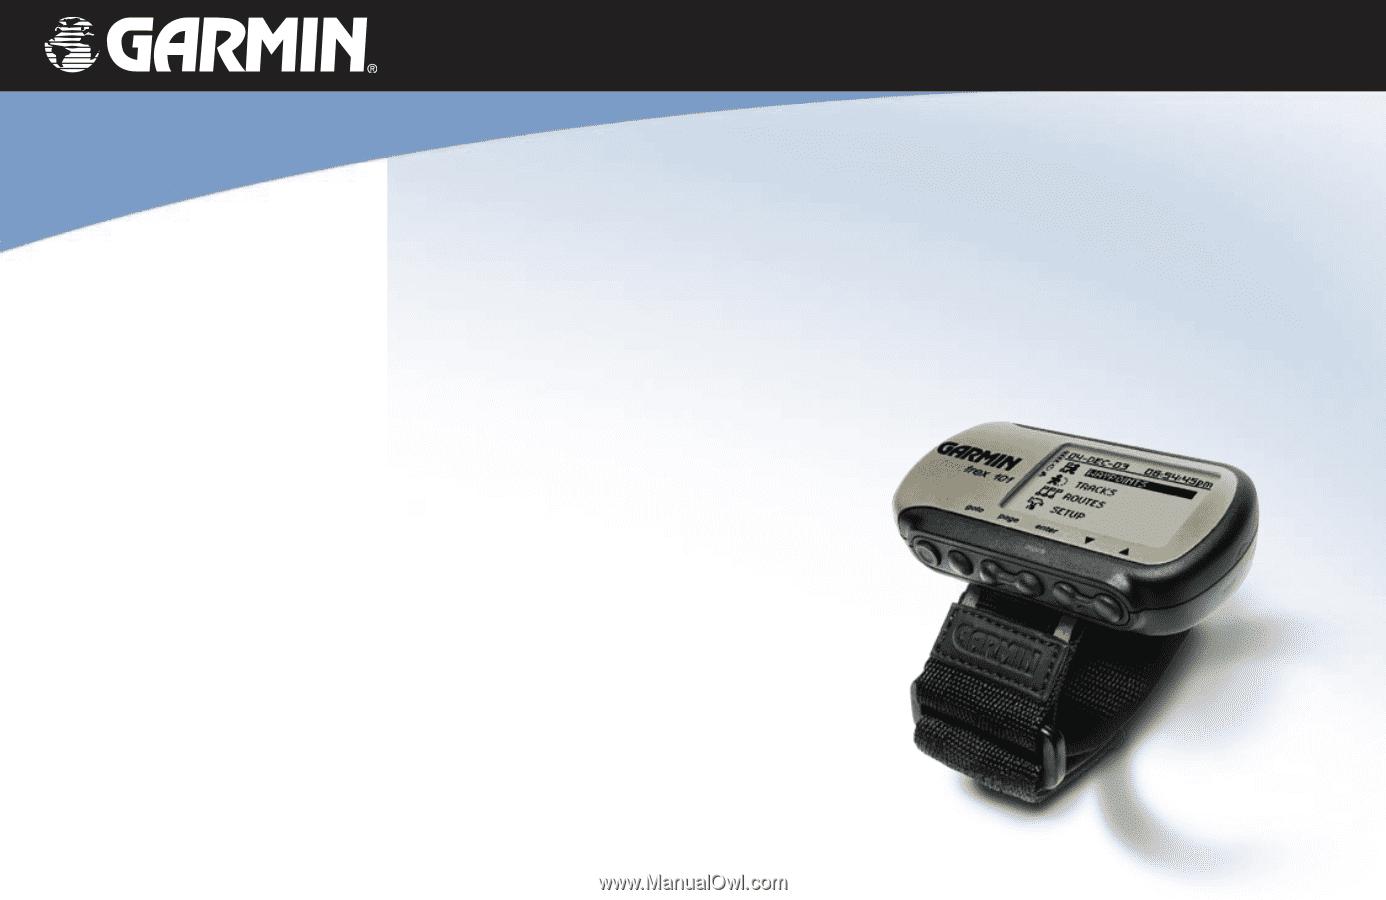 garmin foretrex 101 owner s manual rh manualowl com Garmin Foretrex Garmin Foretrex 201